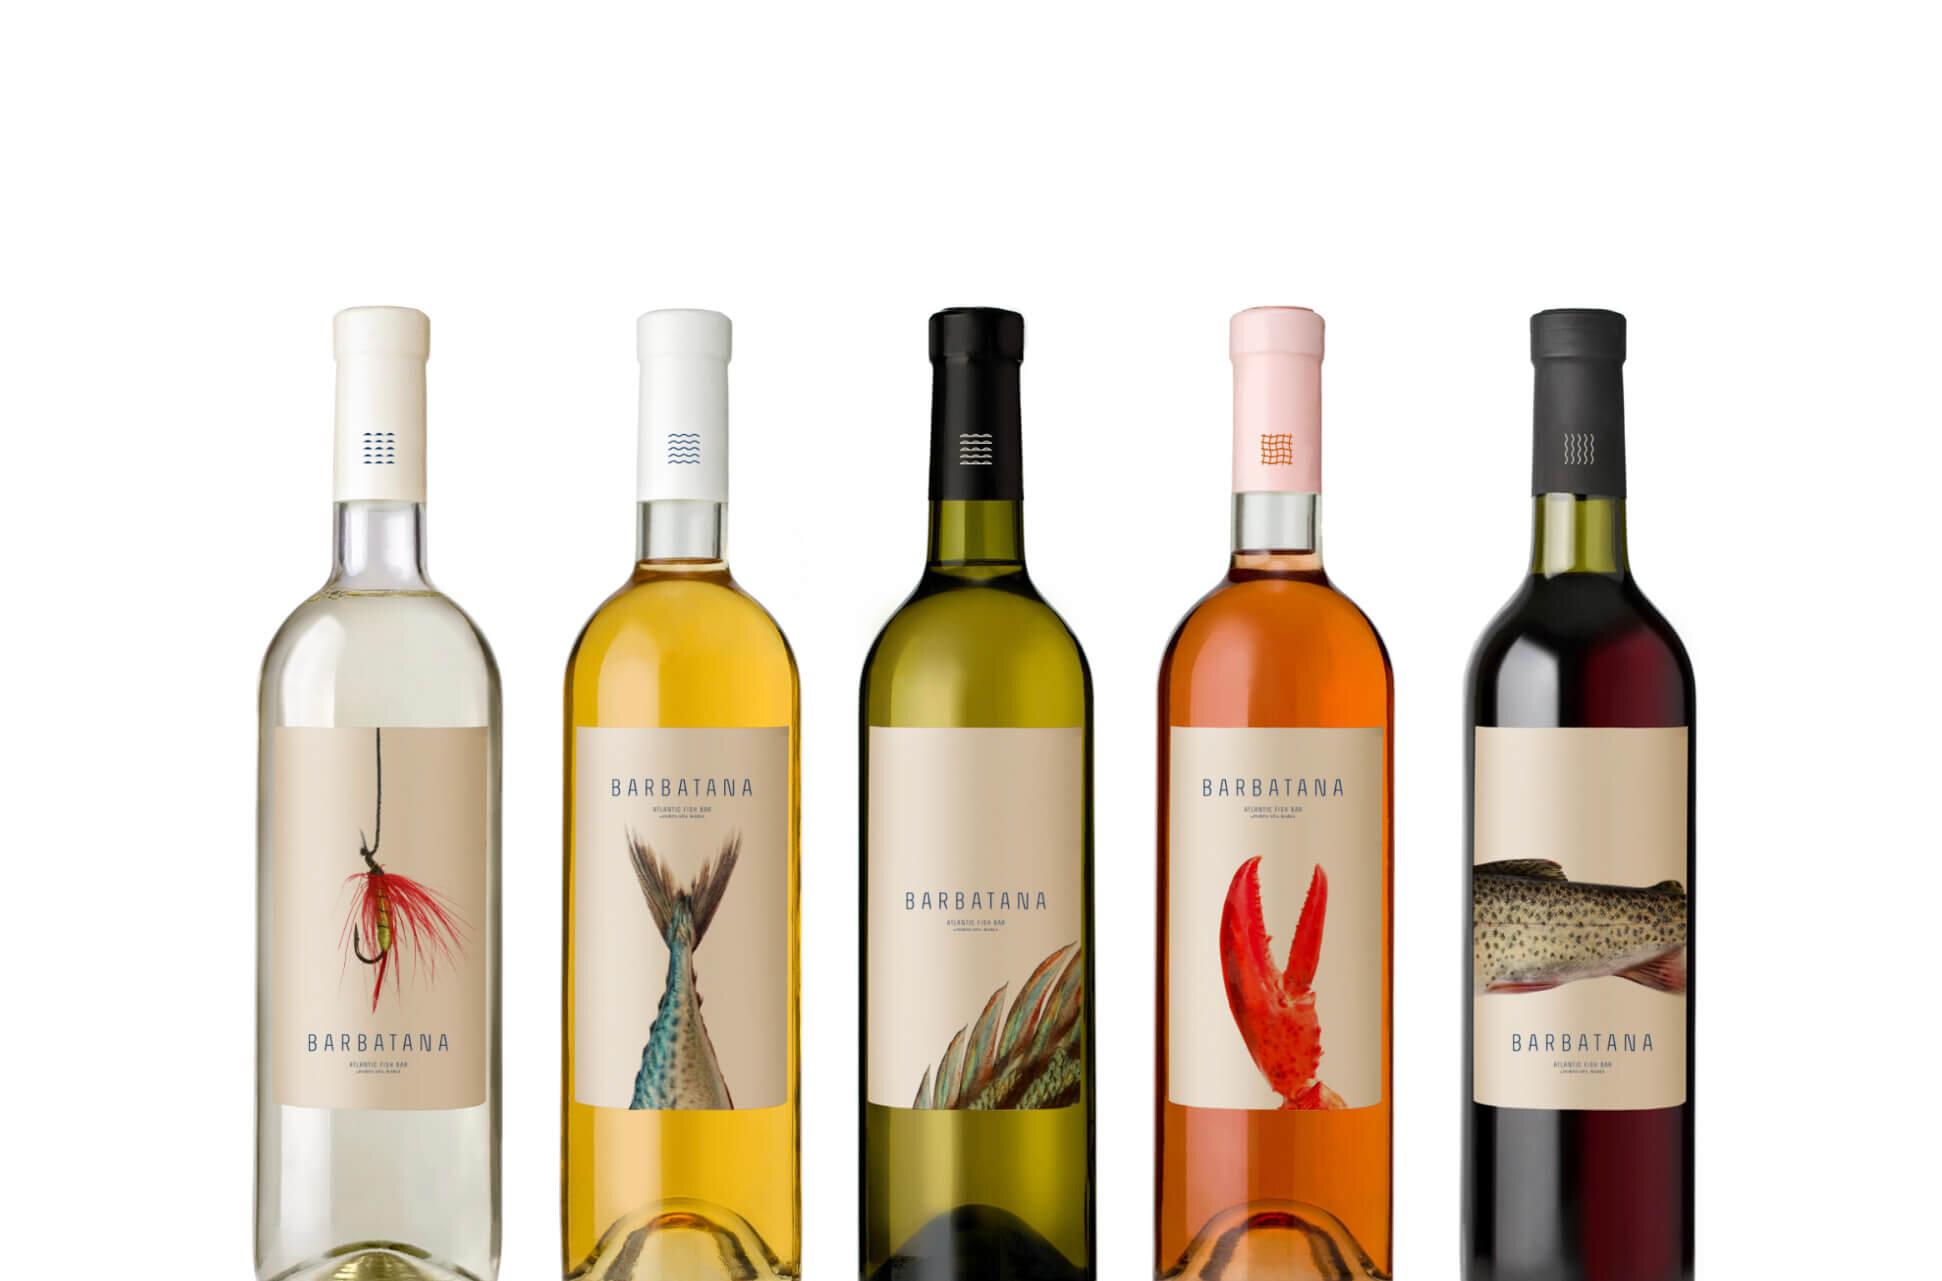 Barbatana restaurant brand packaging wine